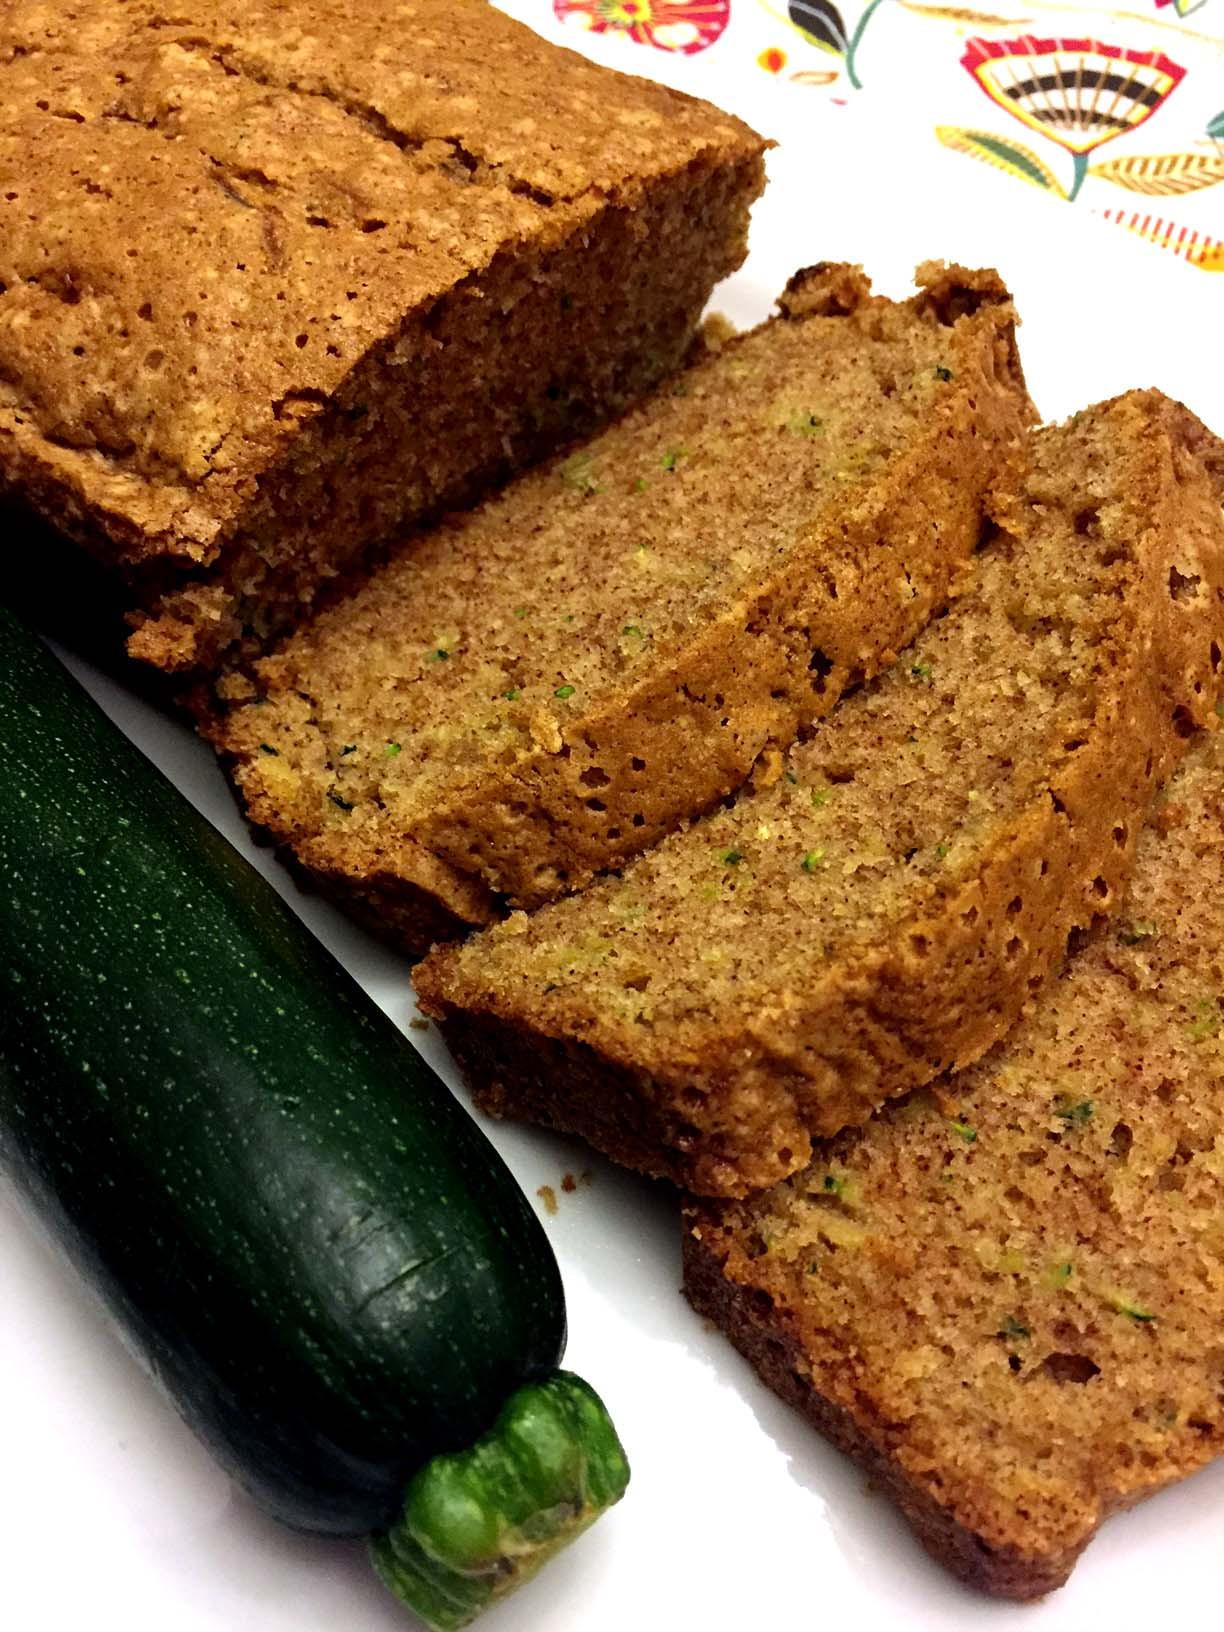 Zucchini Bread Recipe  Easy Zucchini Bread – Best Zucchini Bread Recipe Ever